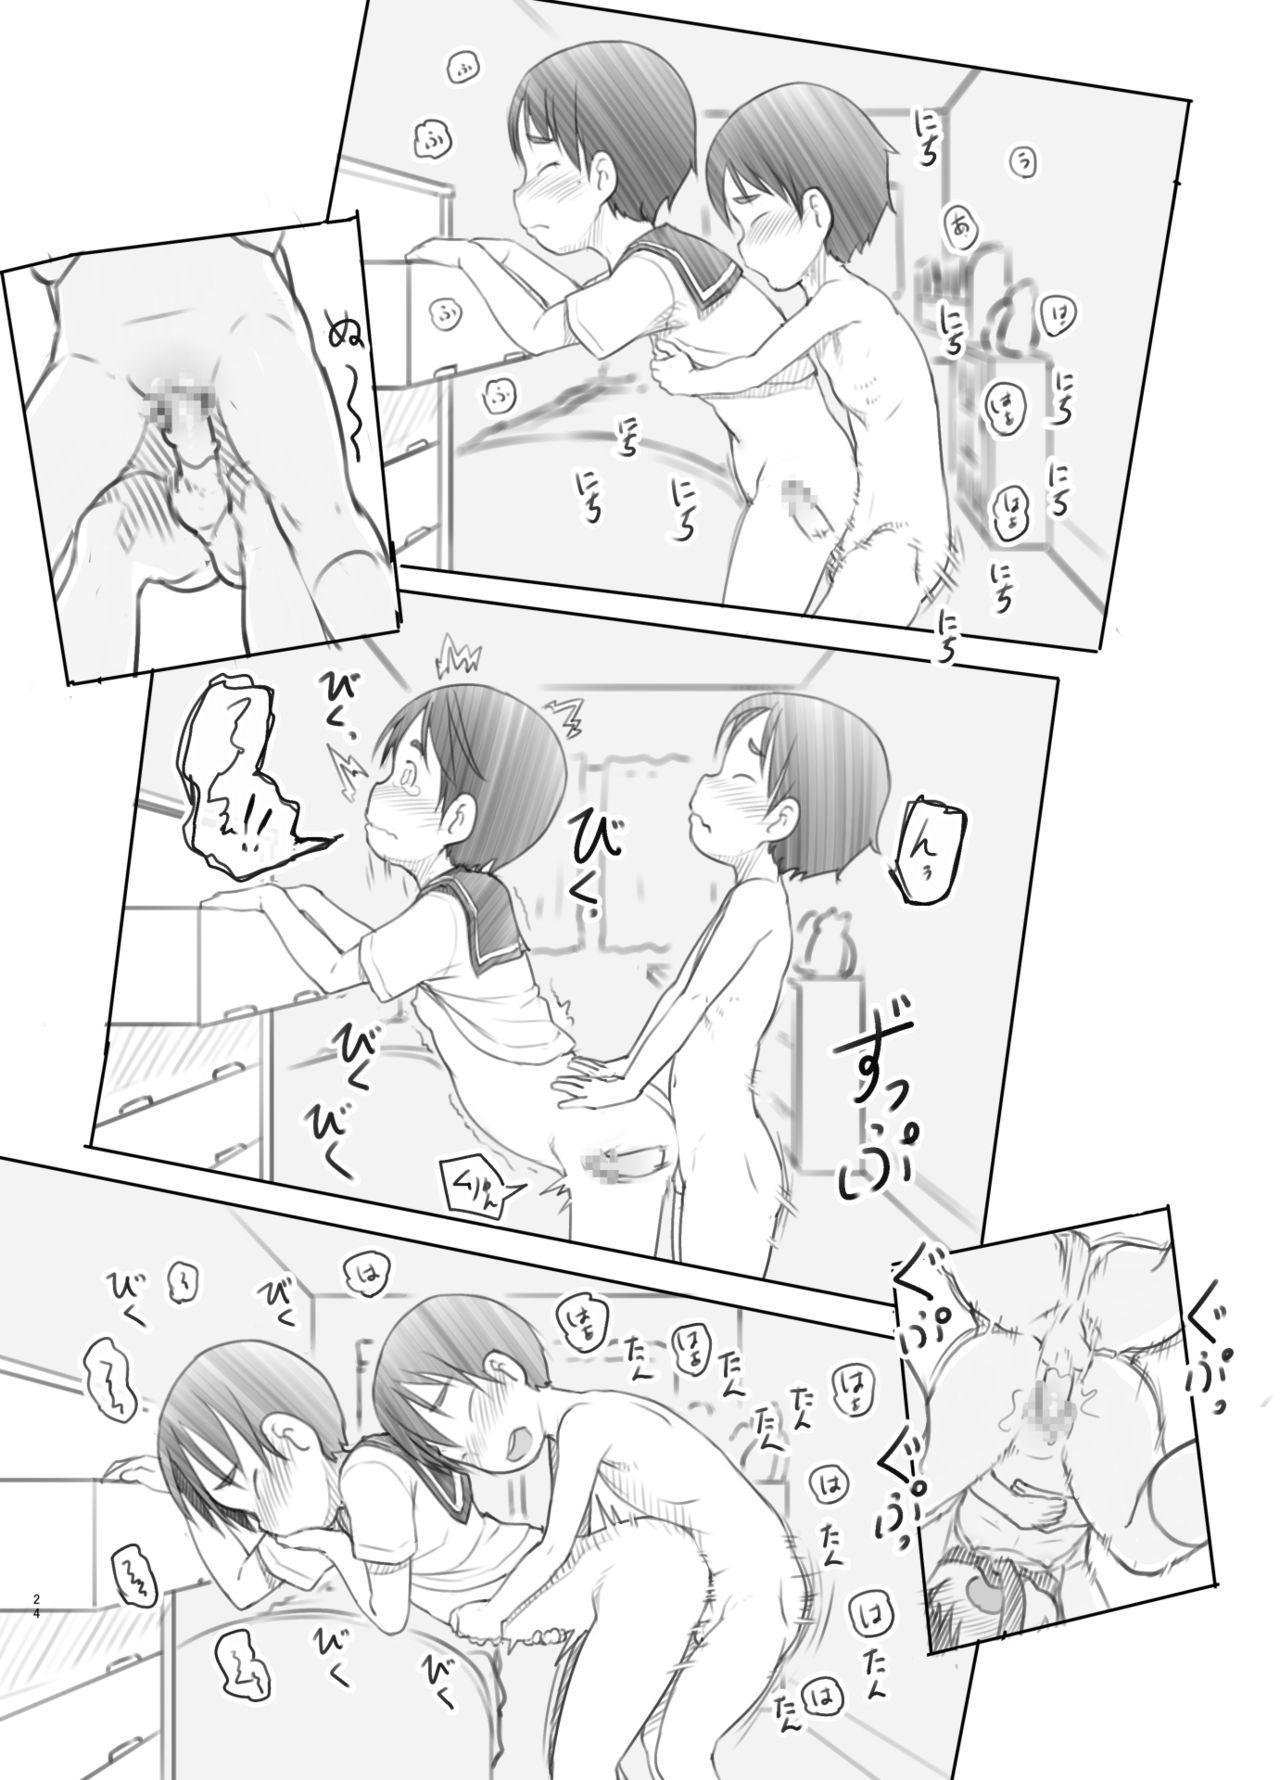 Sei ni Kyoumi ga Detekita Otouto ni Jikan Teishi Appli o Ataete Mita 22